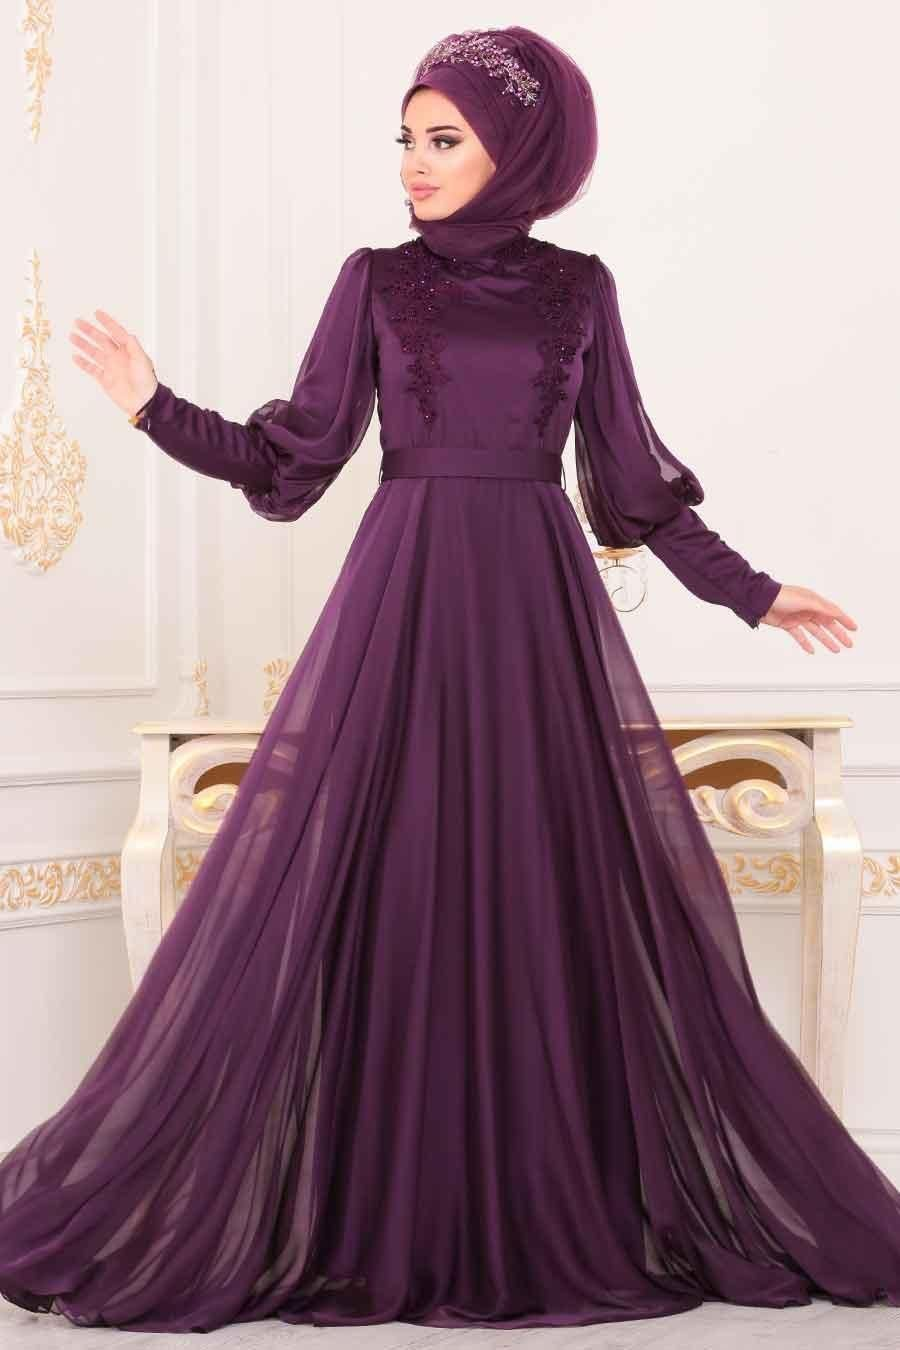 Tesetturlu Abiye Elbise Balon Kol Mor Tesettur Abiye Elbise 3927mor Tesettu Tesettur Abiye Modelleri 2020 2020 Elbise The Dress Balo Elbiseleri